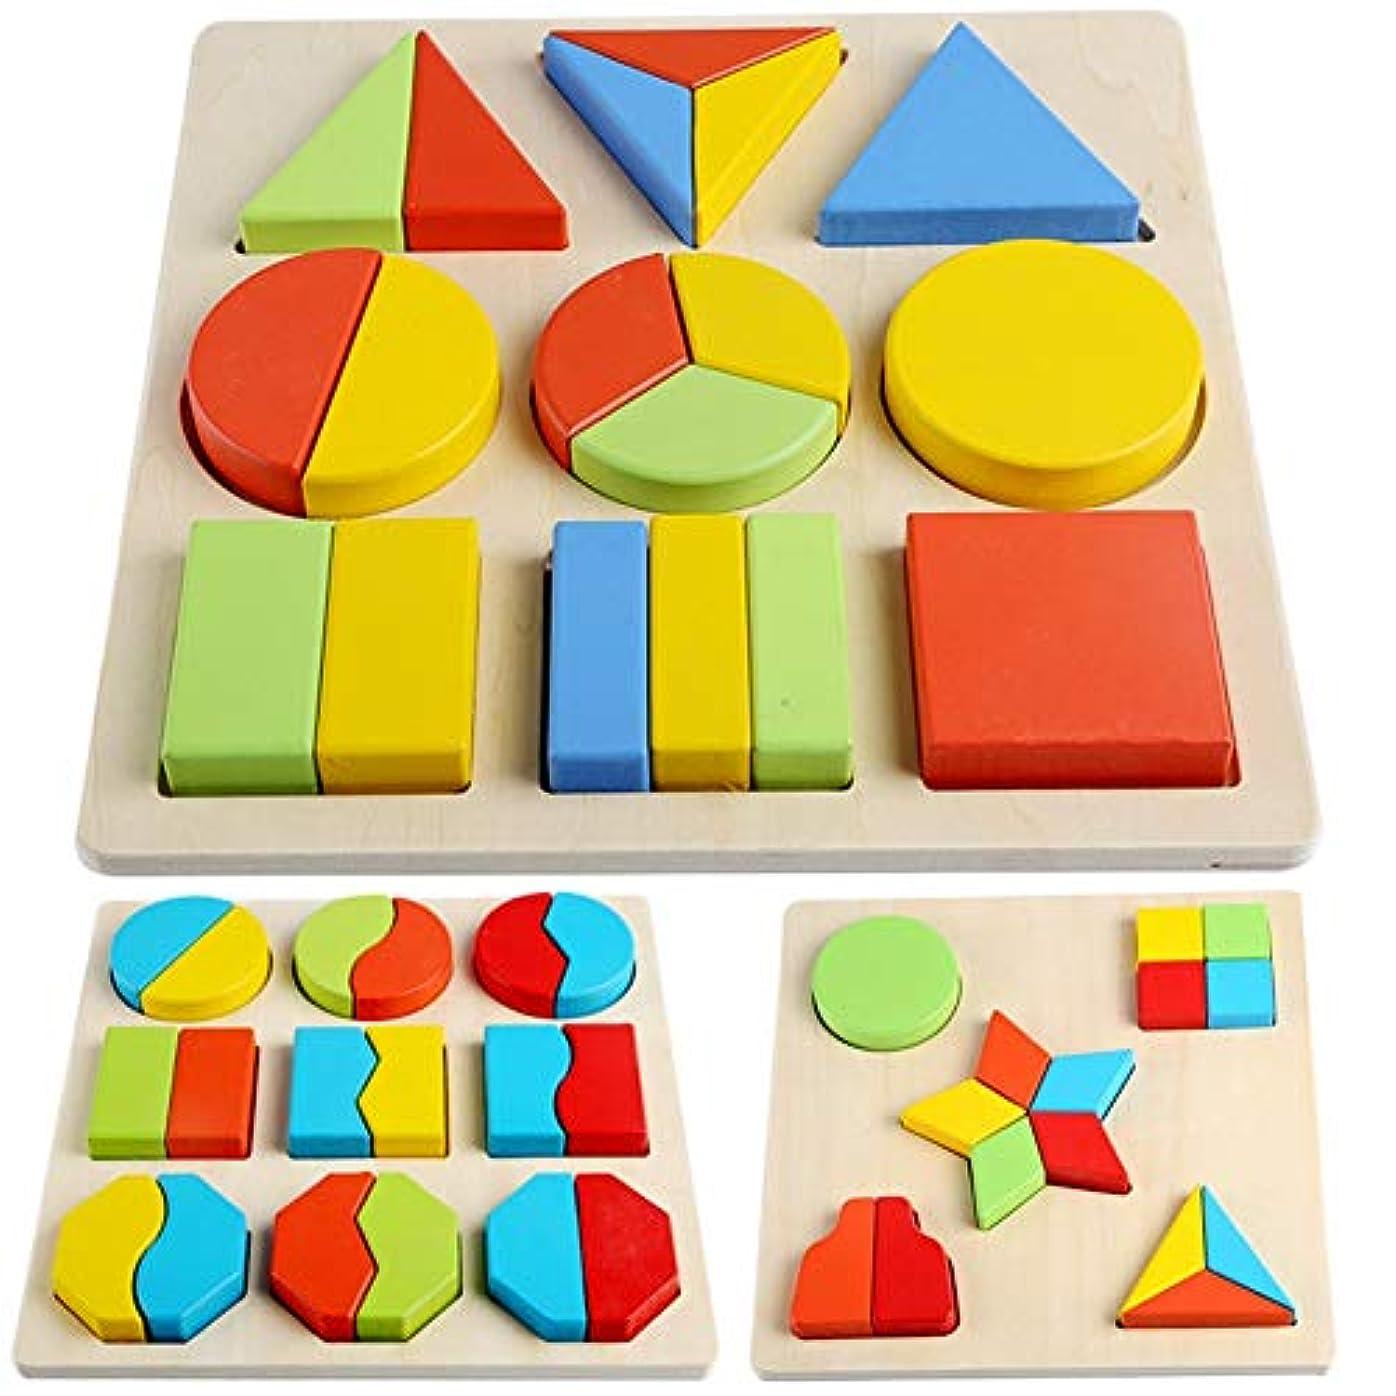 もちろんセブンプランテーション男の子と女の子の教育玩具 赤ちゃん知恵セット4セットの子供の教育用ブロックに一致する色認知玩具 クラシックなビルディングブロックのおもちゃ (色 : マルチカラー, サイズ : 2 equal-Free size)